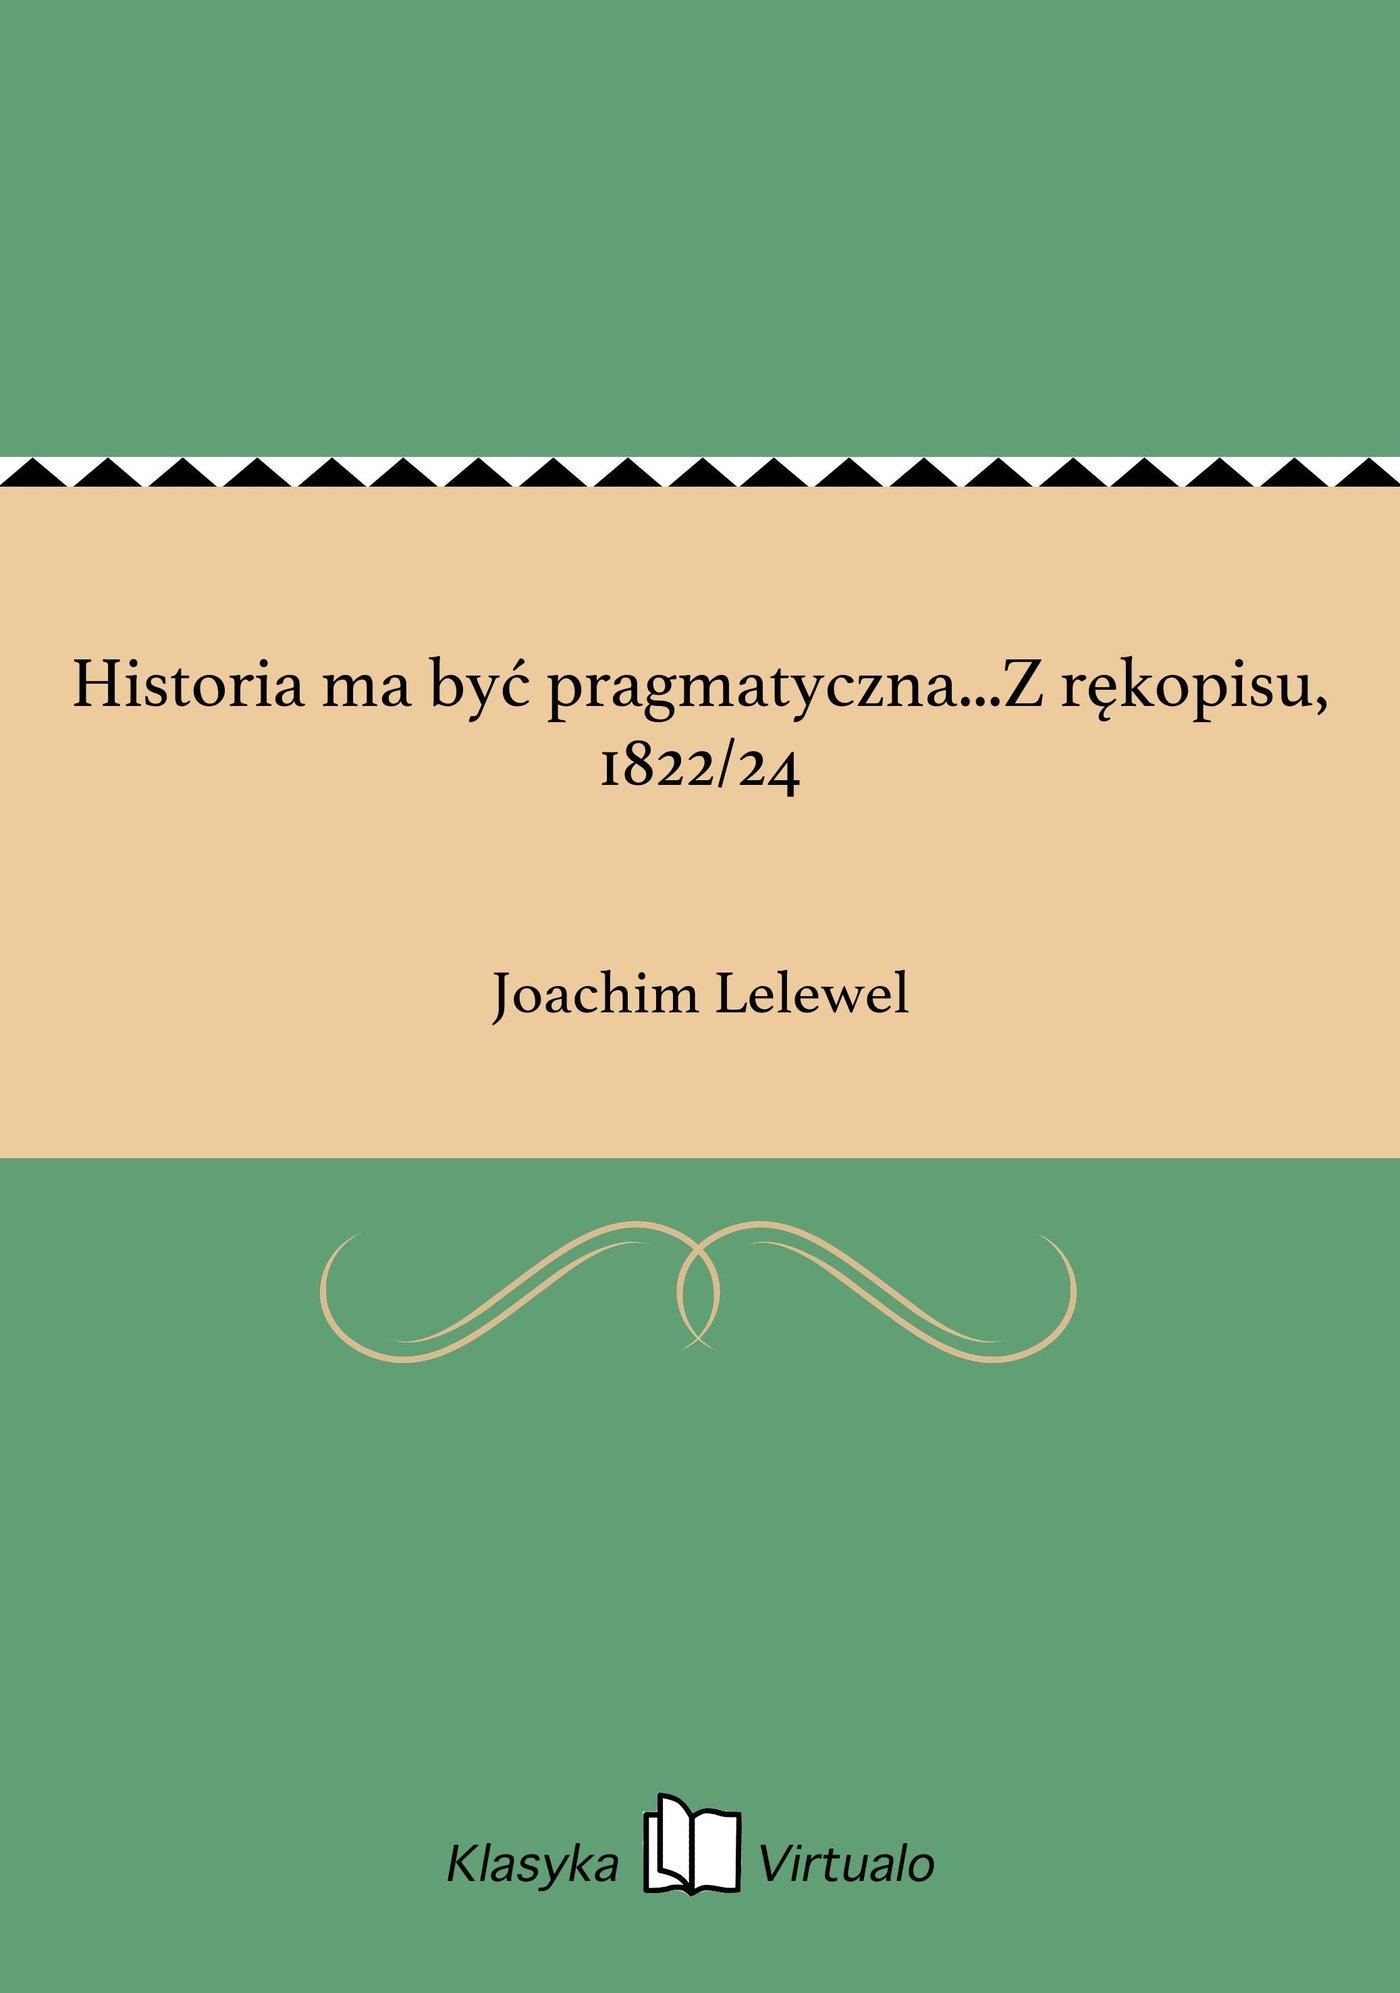 Historia ma być pragmatyczna...Z rękopisu, 1822/24 - Ebook (Książka na Kindle) do pobrania w formacie MOBI